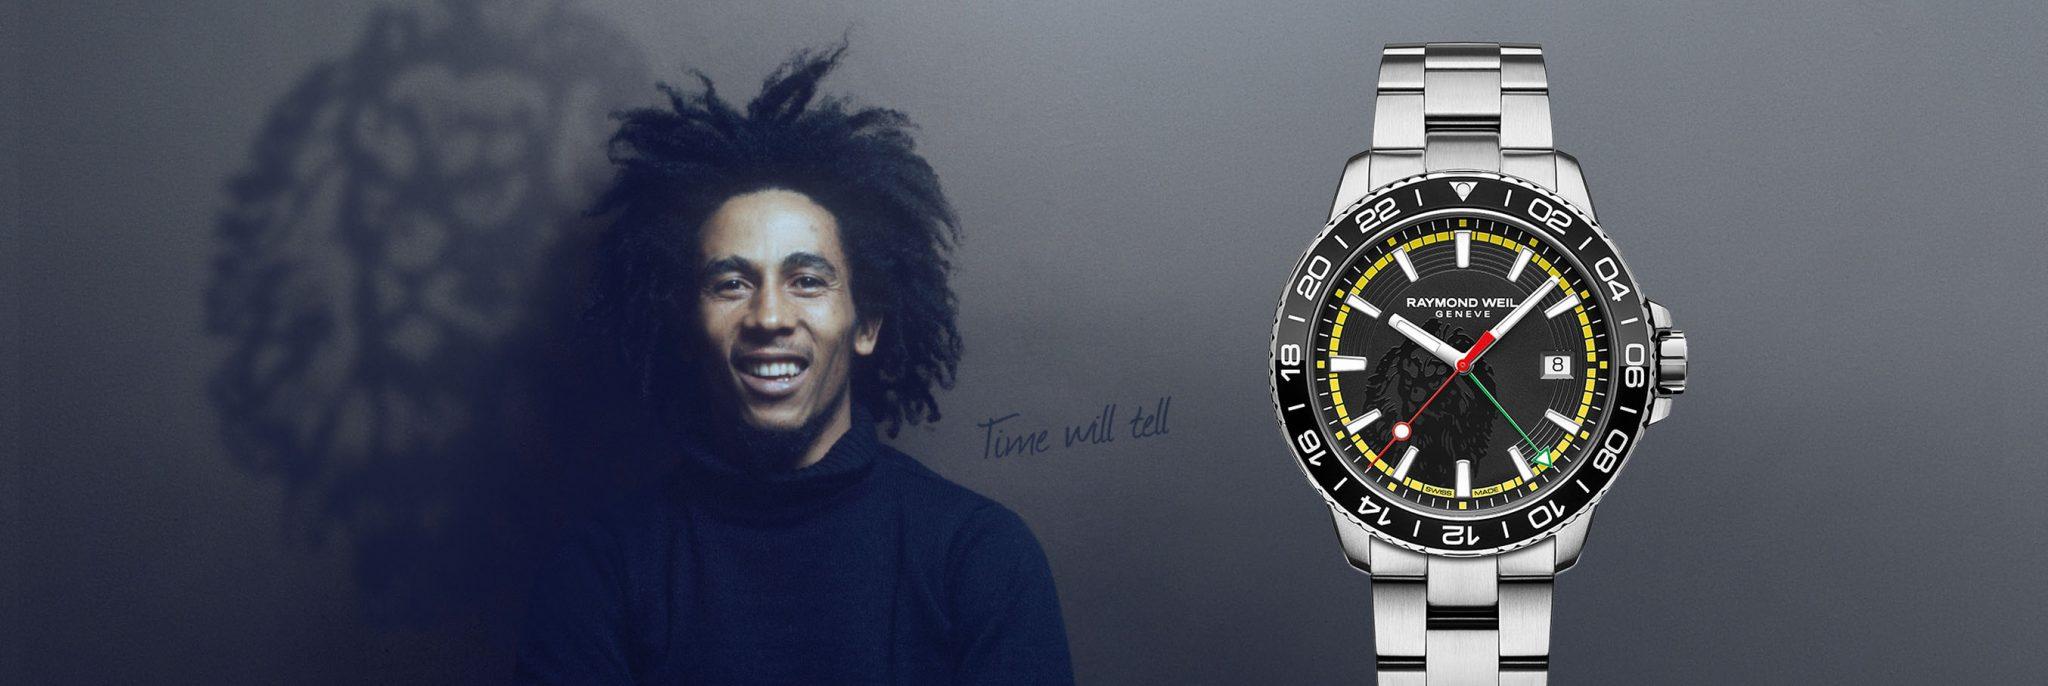 Raymond Weil Bob Marley